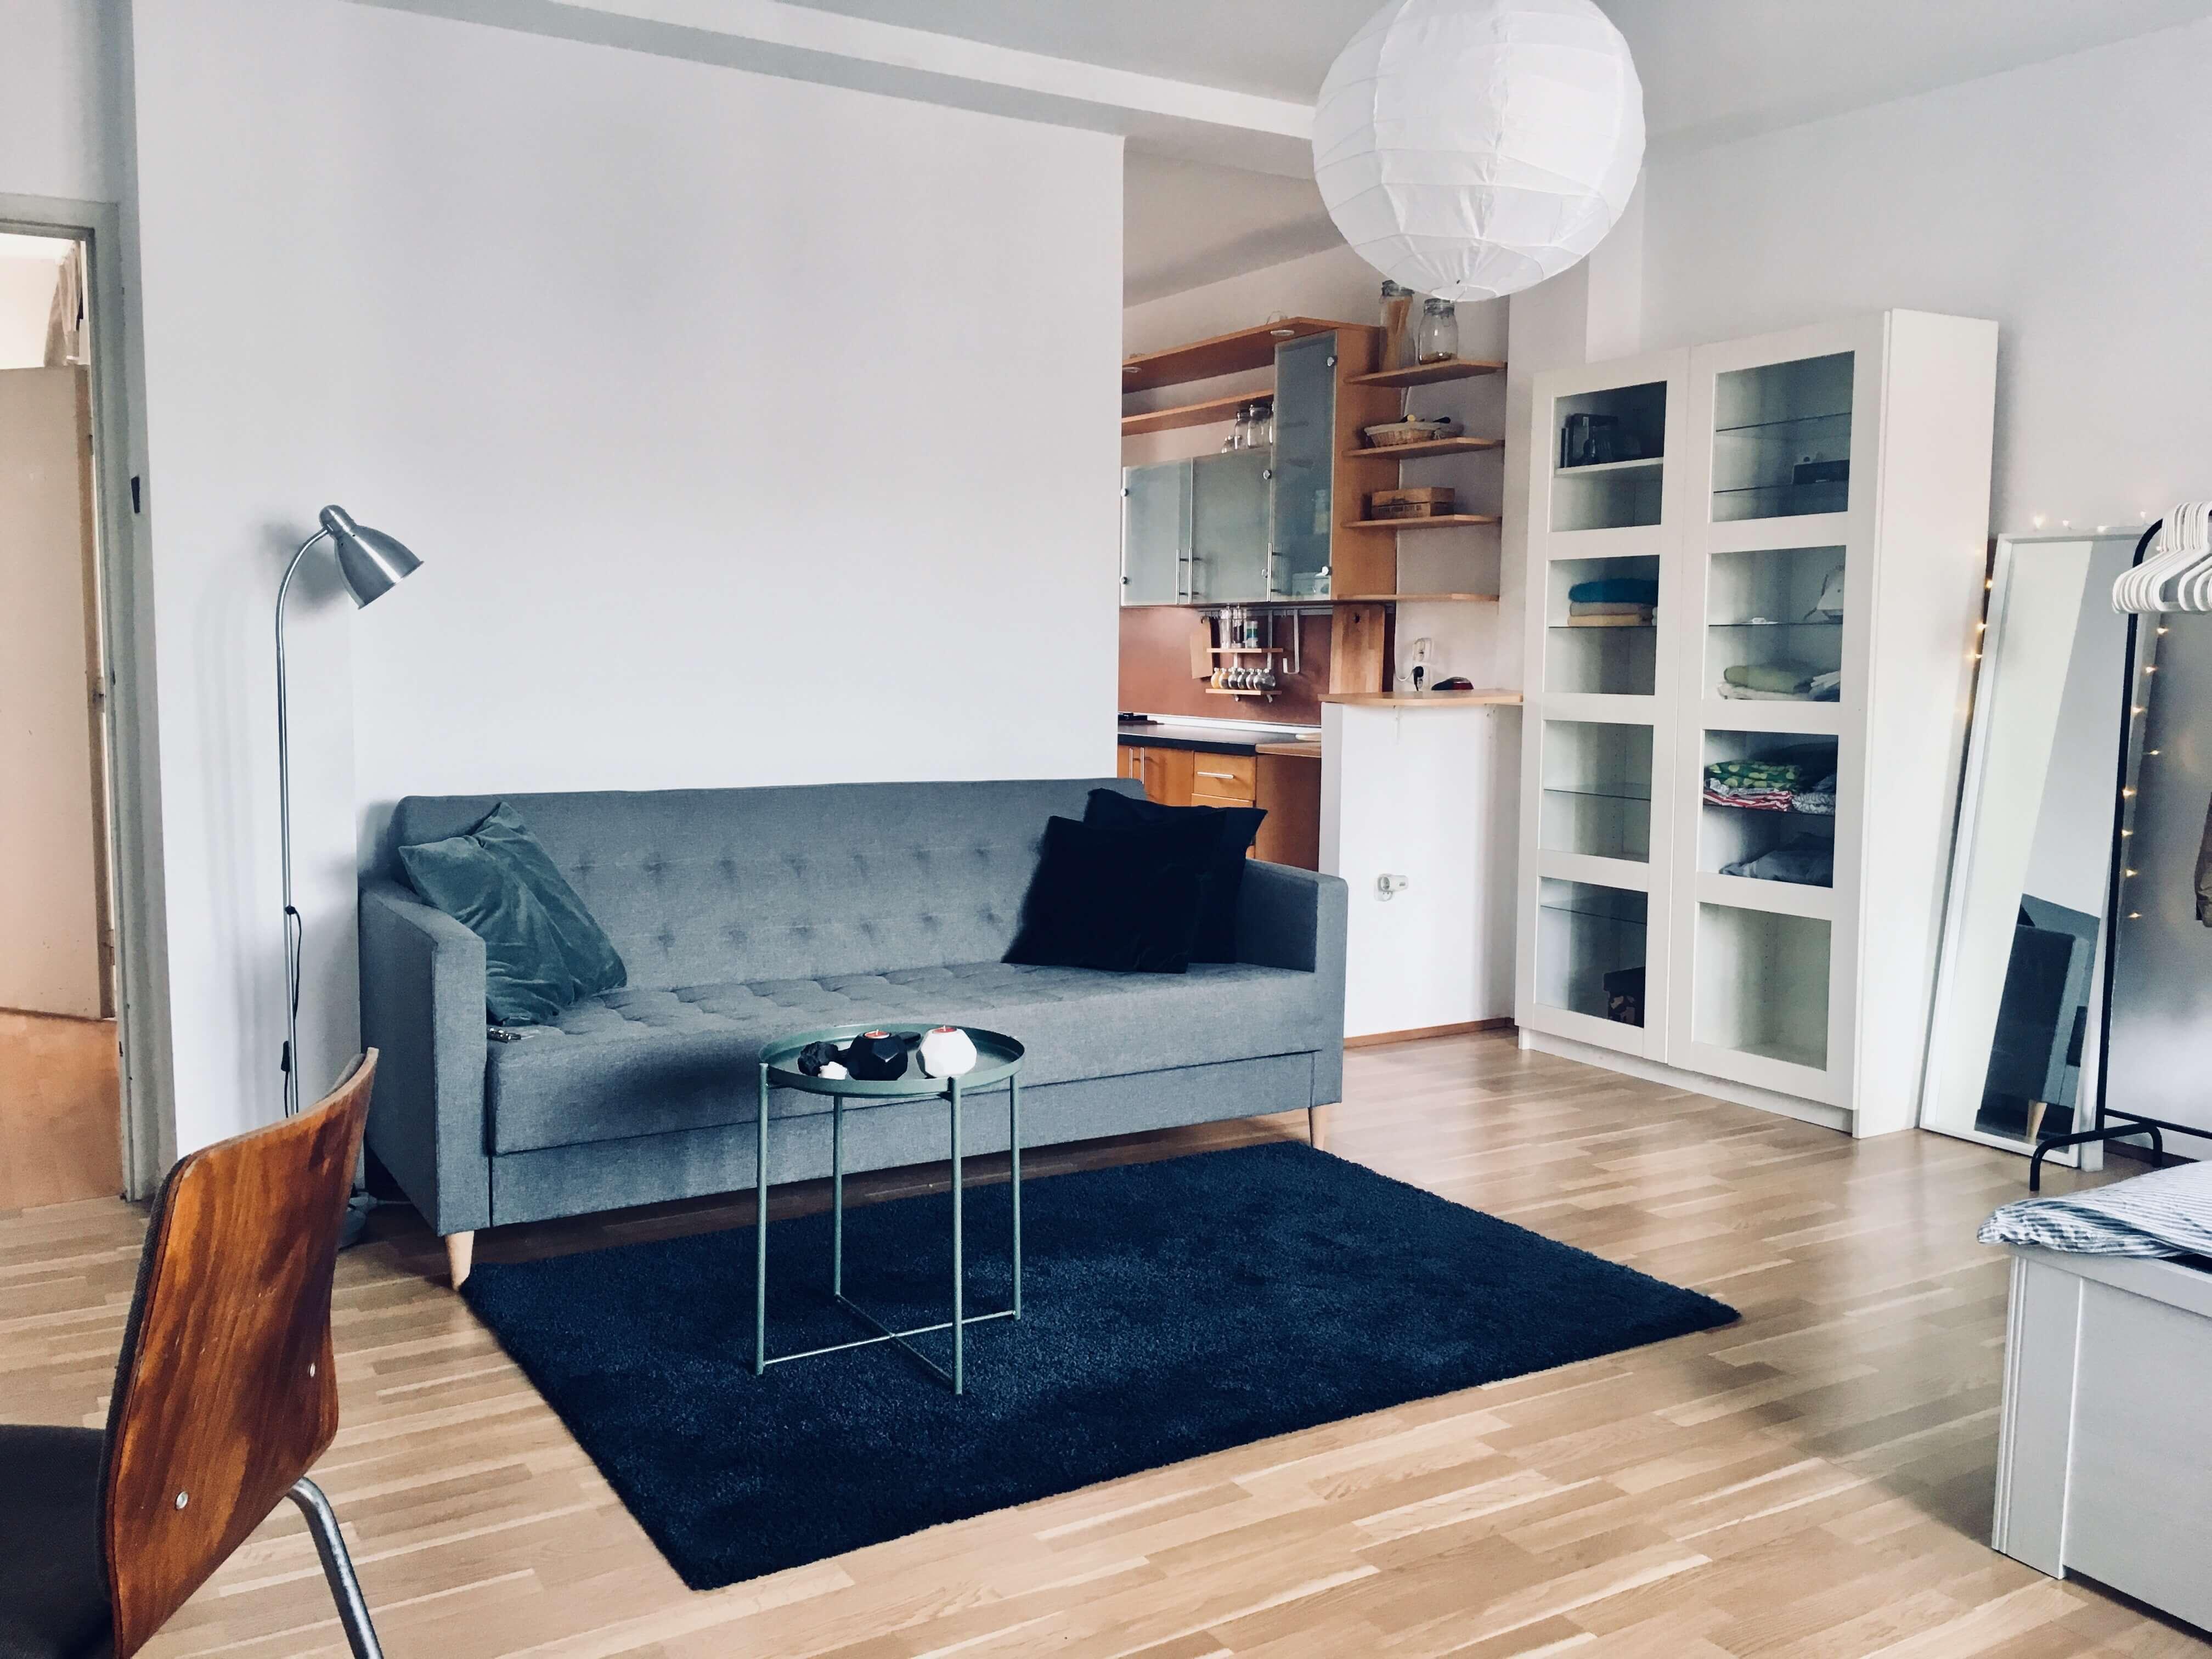 Prenajaté: Exkluzívne na prenájom 1 Izbový byt, 43 m2, pavlač 7 m2, Šancová 25, Staré mesto-0